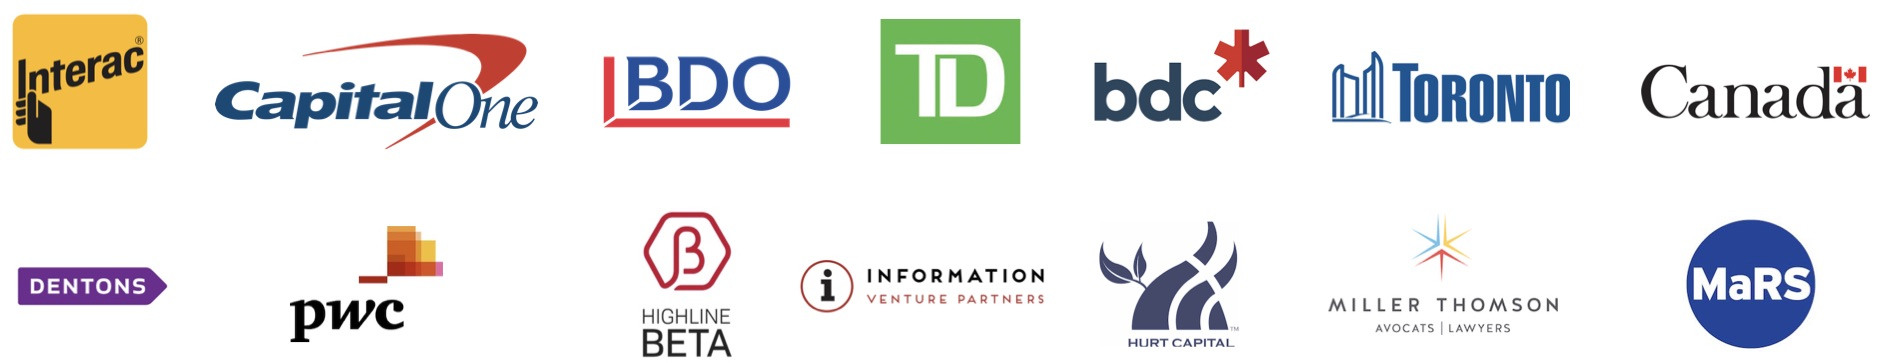 CDS Partners Logo - Long Stream Banner - More sponsors 2.jpg